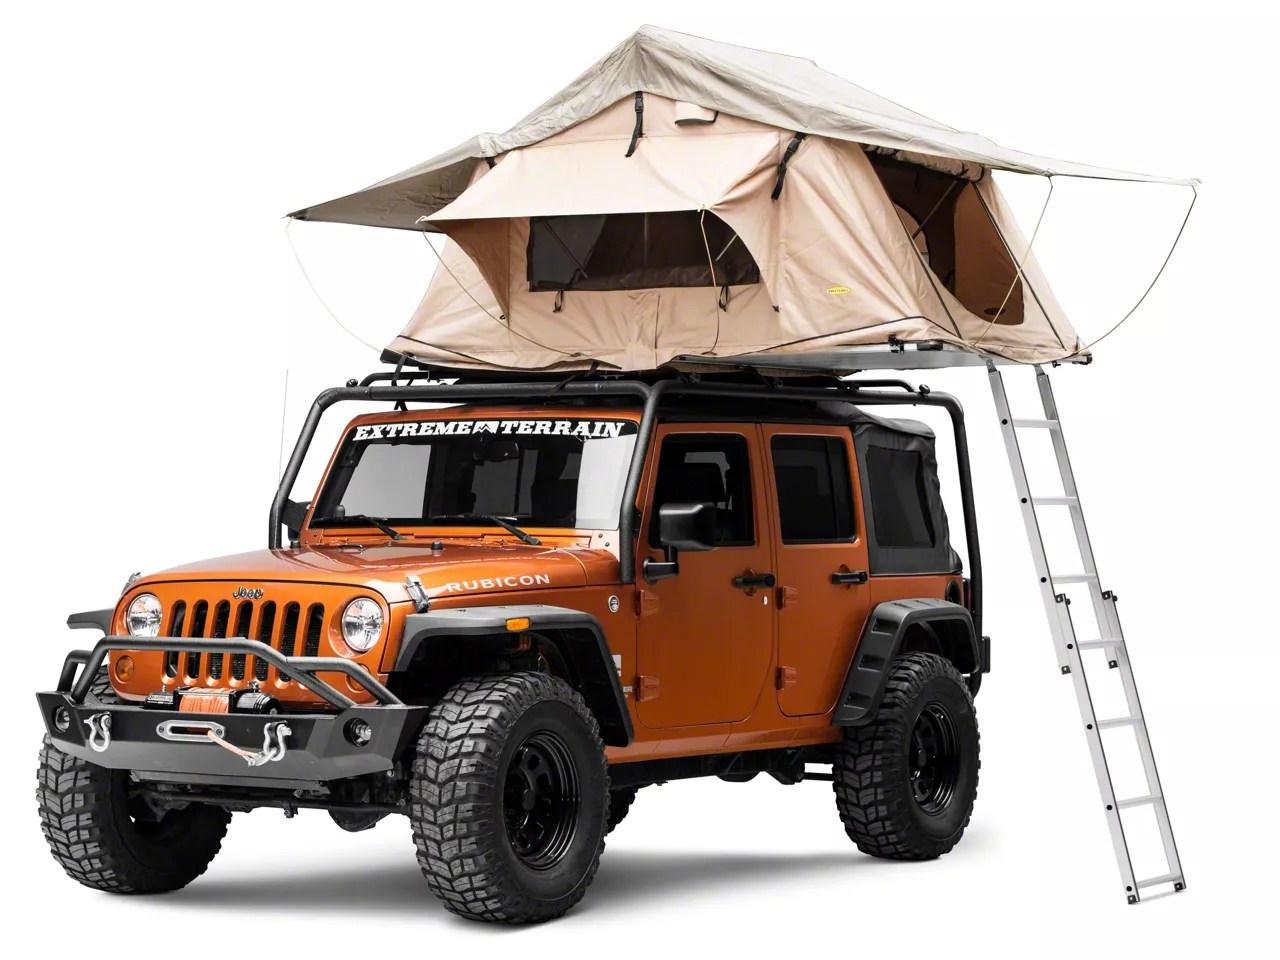 smittybilt overlander roof top tent coyote tan universal fitment